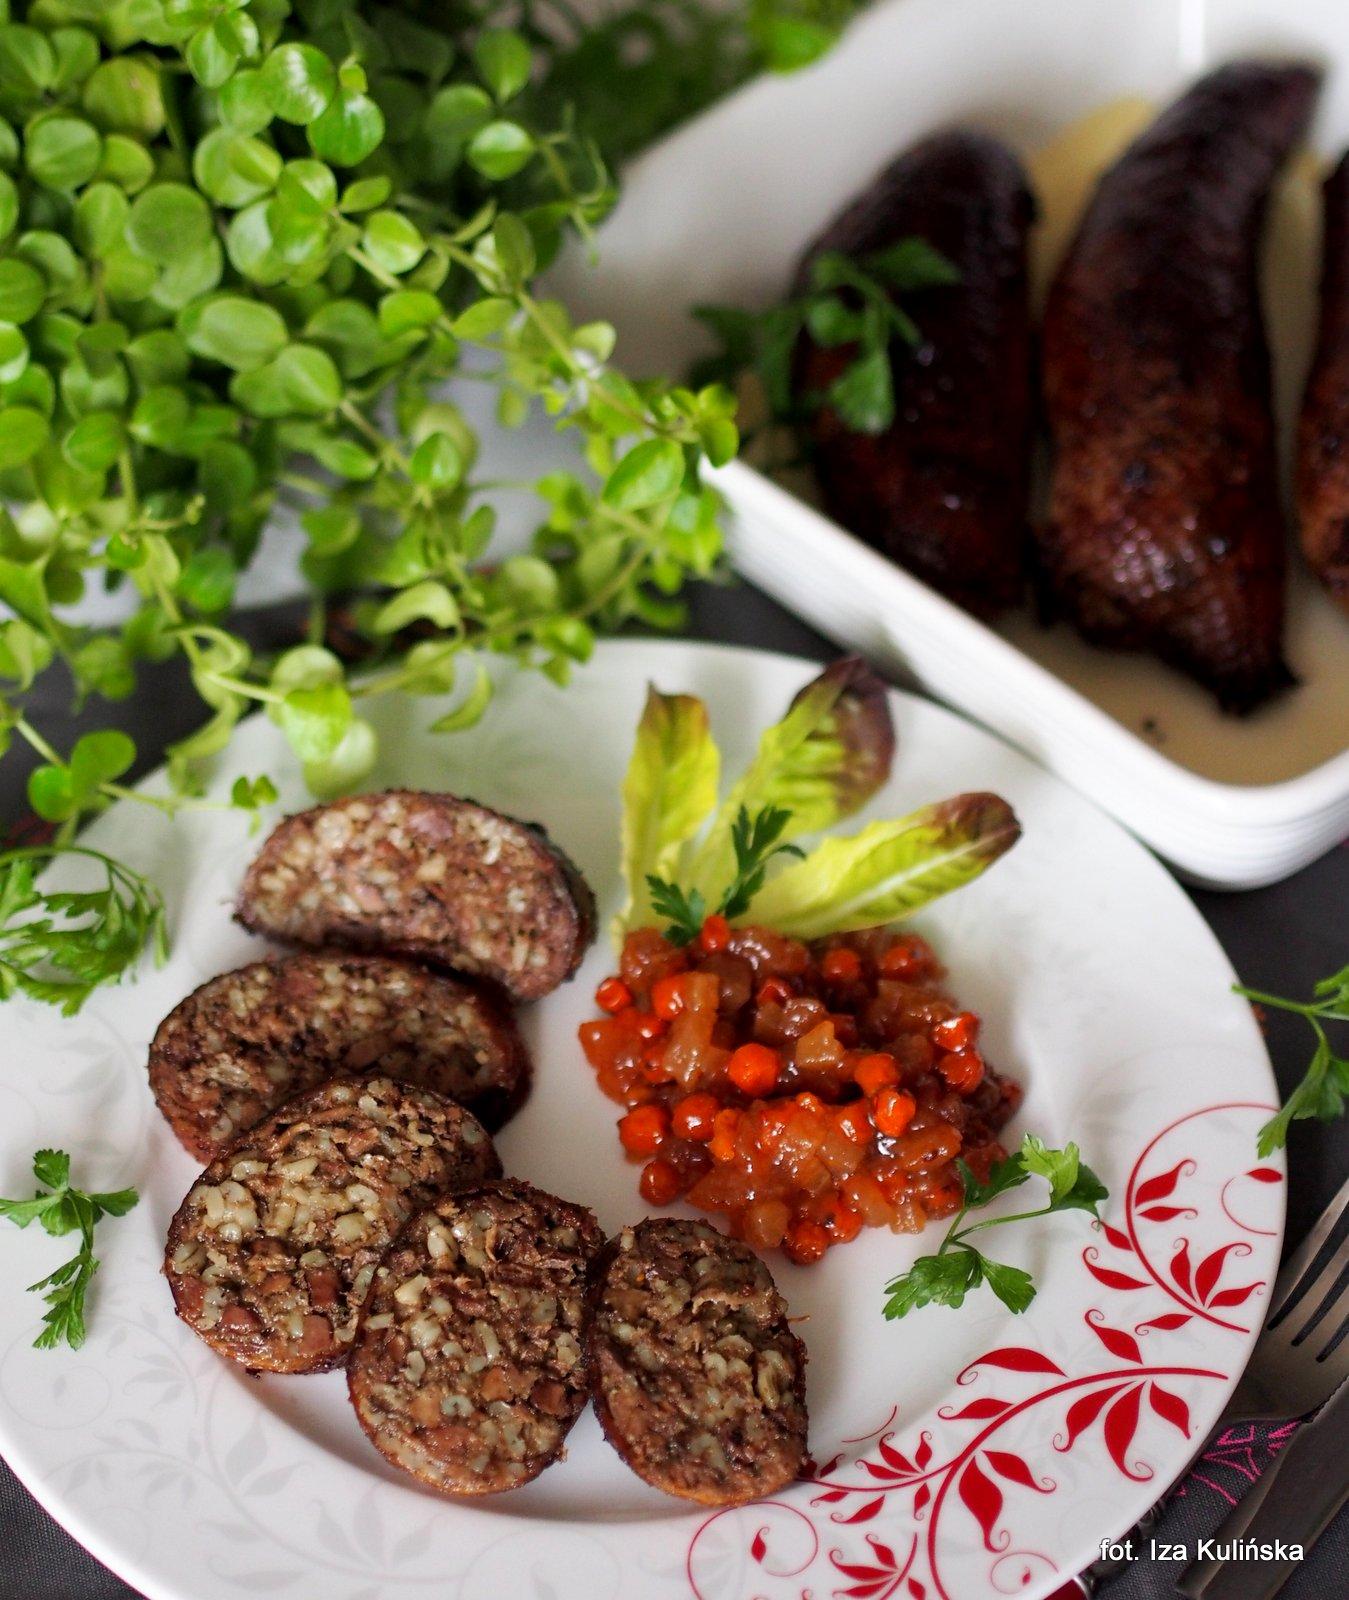 gęsie pipki , gęsie szyje faszerowane , gęsina , na świętego Marcina , gęś , gąska , dania z gęsi , najsmaczniejsze dania , domowe jedzenie , mięso , drób , czas na gęsinę , coś pysznego , najlepsze przepisy na domowe jedzenie